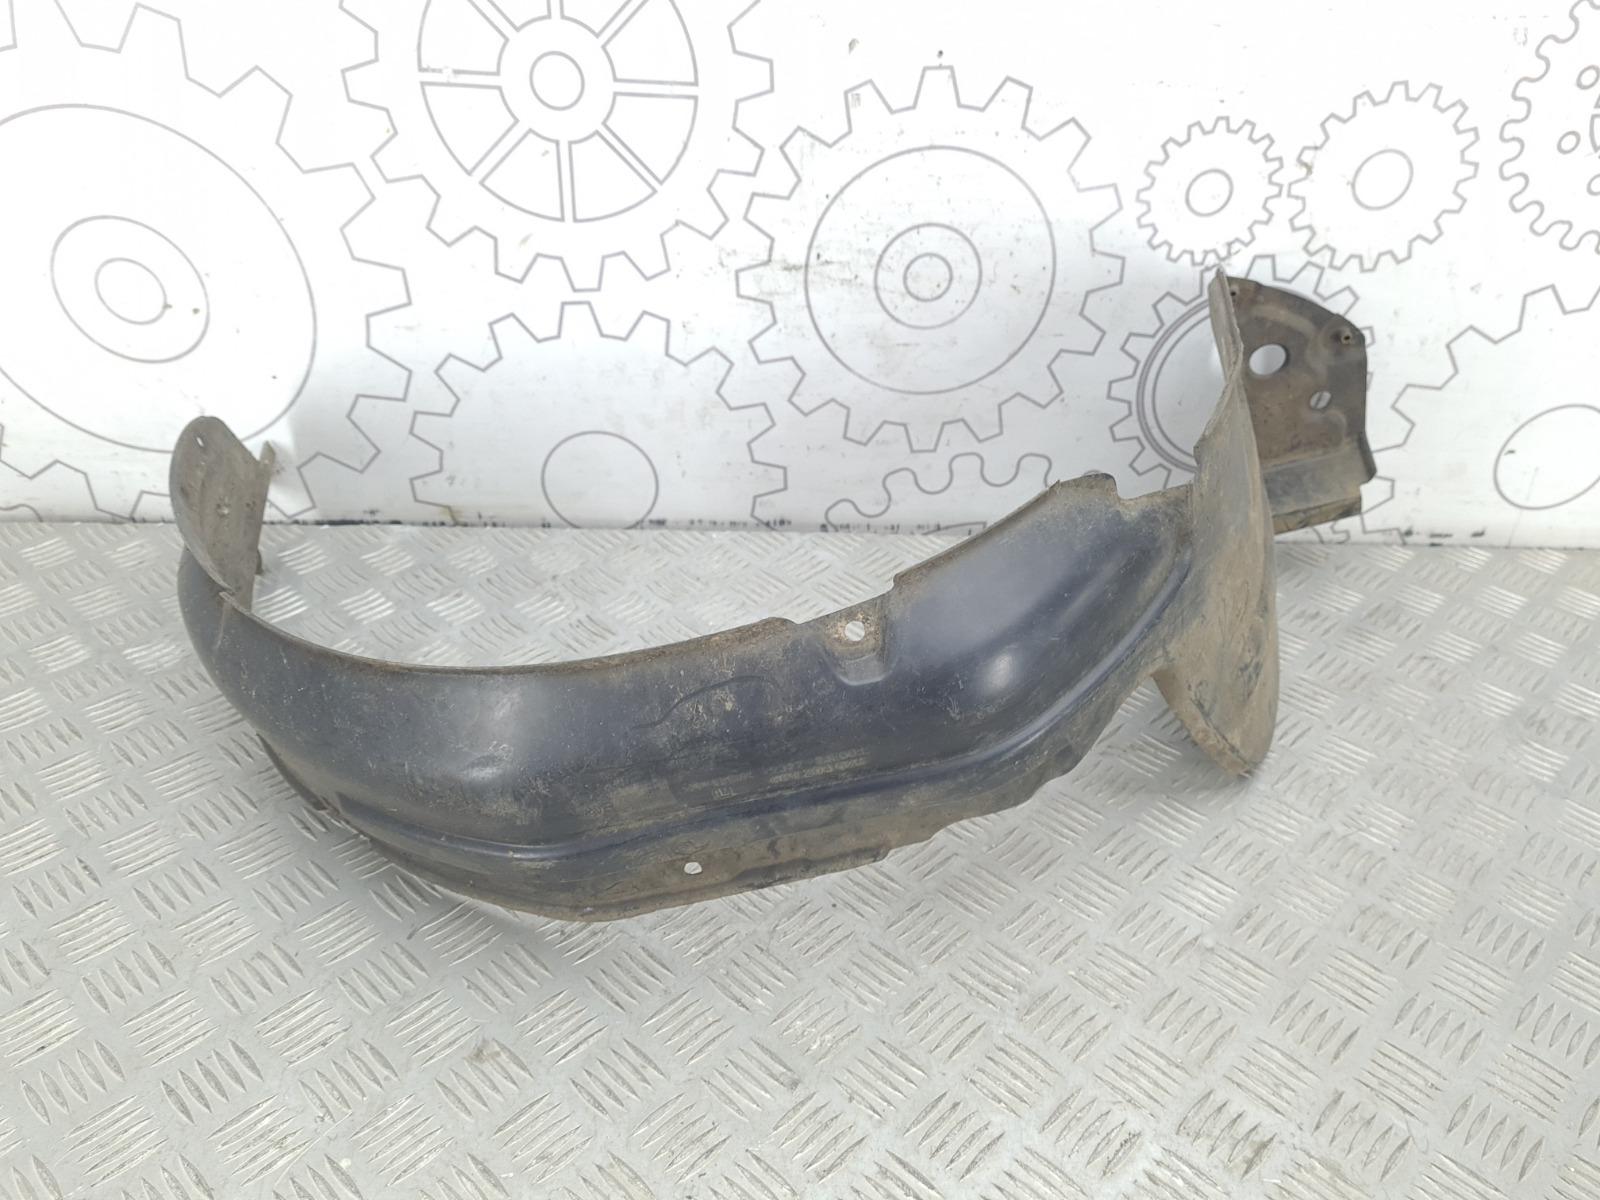 Защита арок передняя левая (подкрылок) Suzuki Wagon R 1.3 I 2002 (б/у)